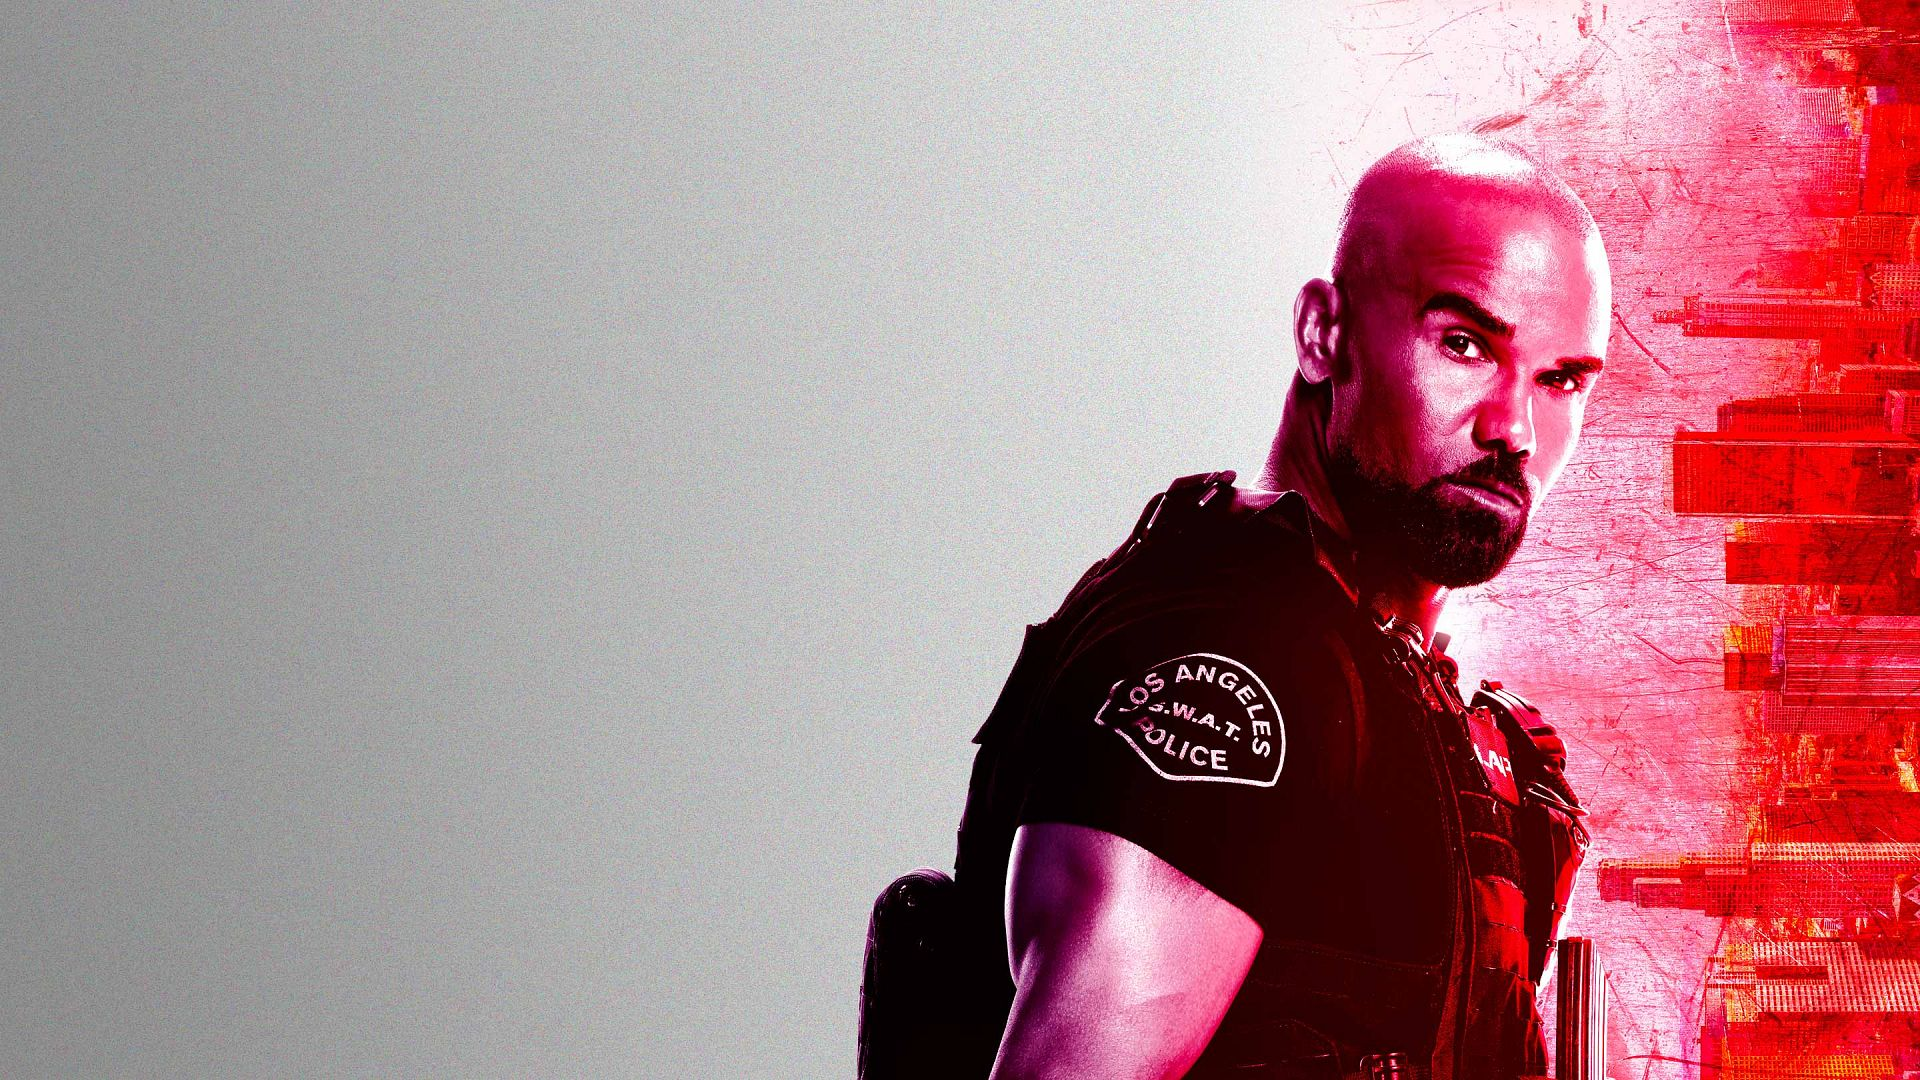 SWAT Season 3 Episode 18